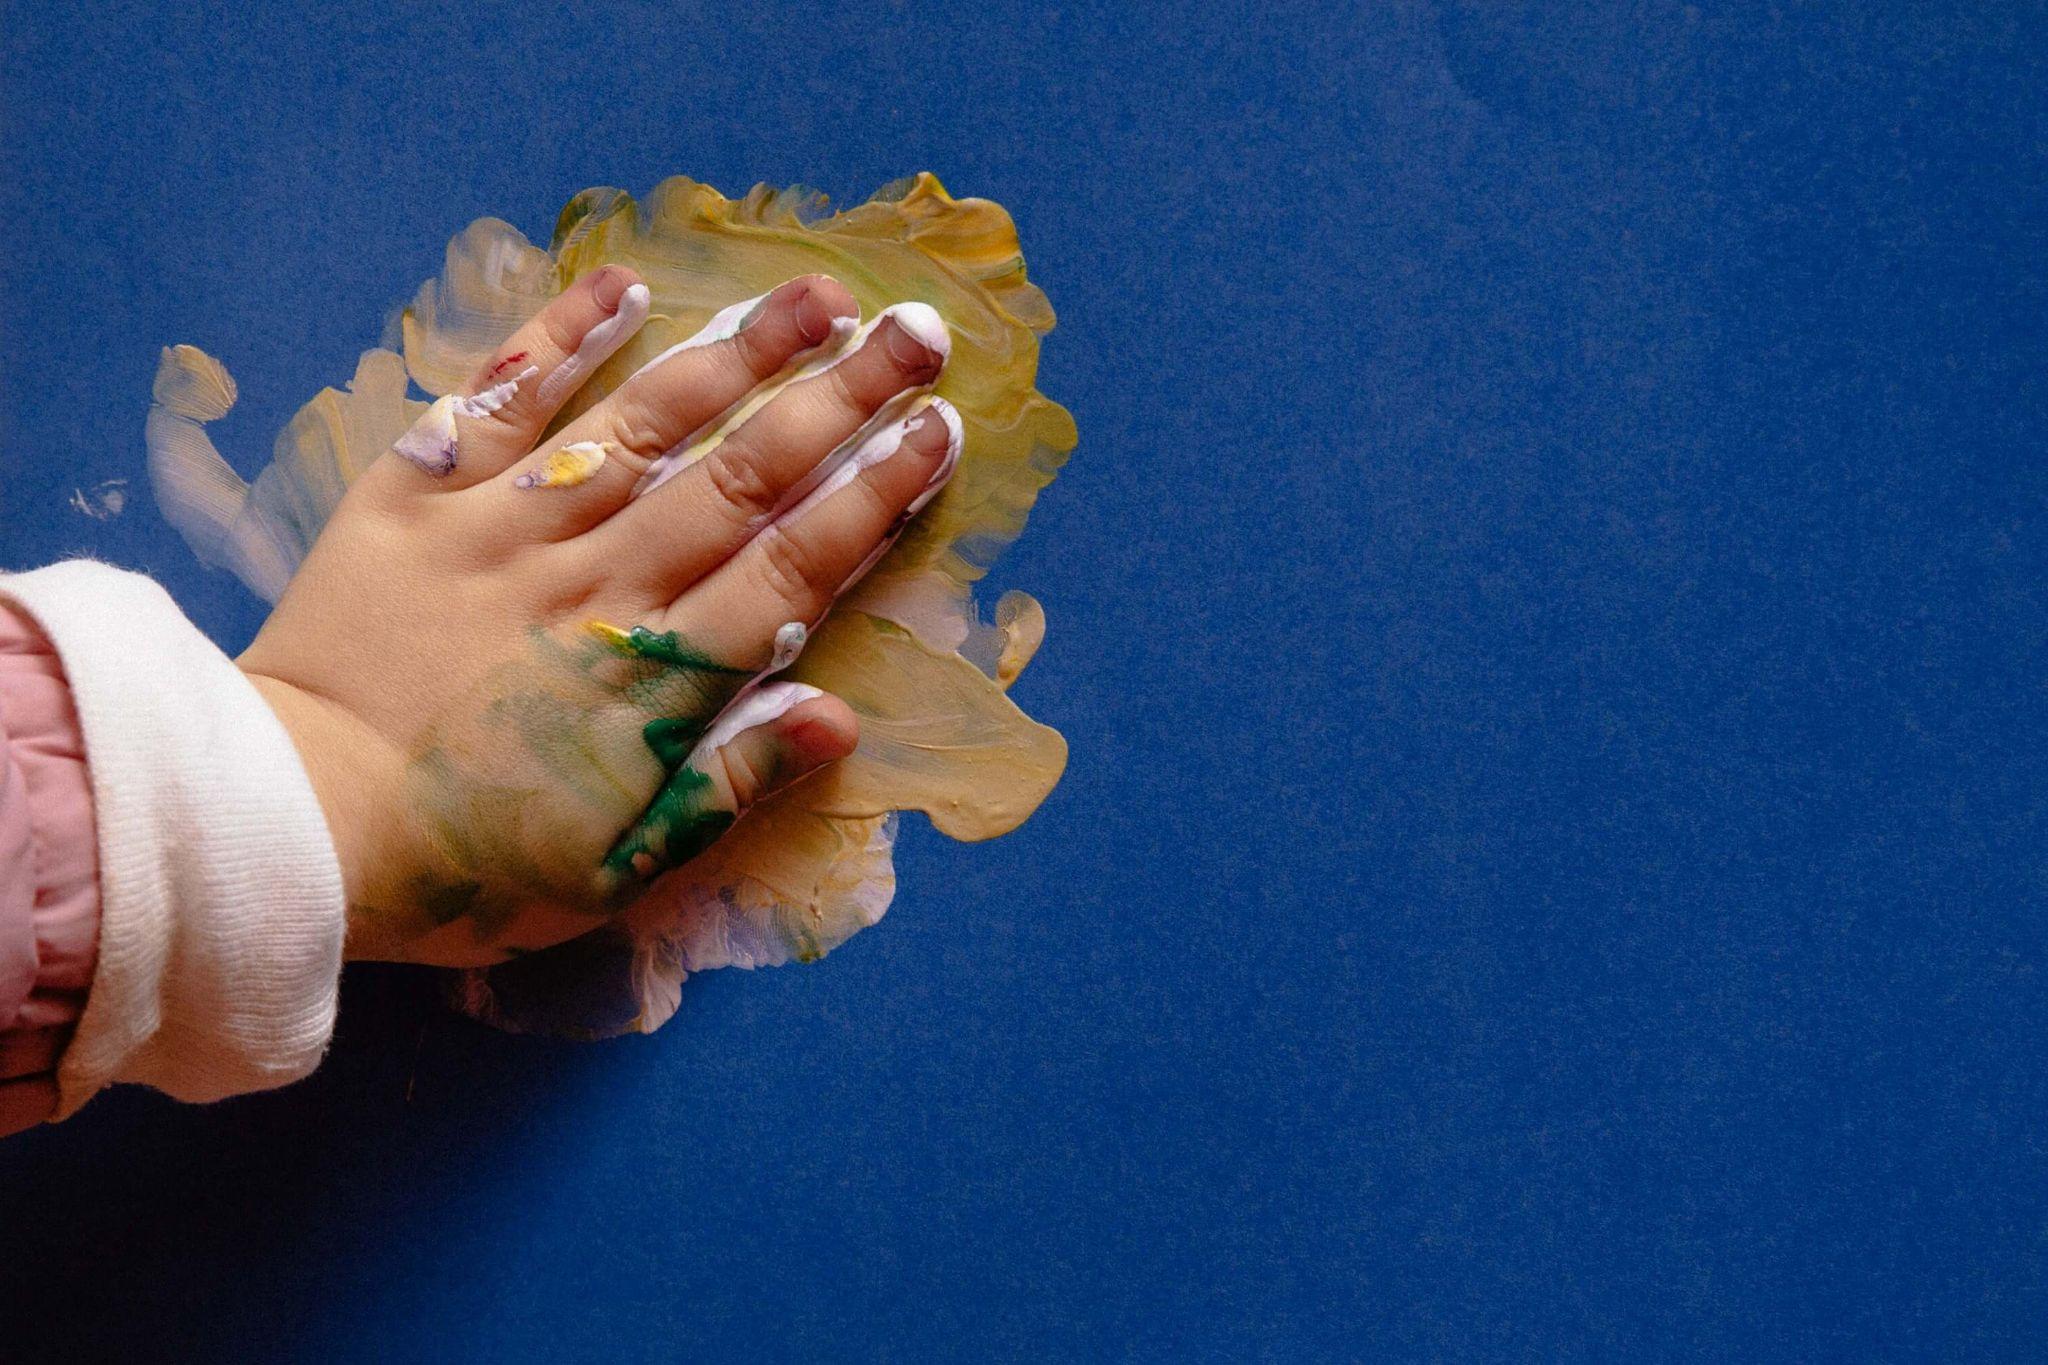 A imagem mostra a mão de uma criança suja de tinta carimbando uma parede azul.